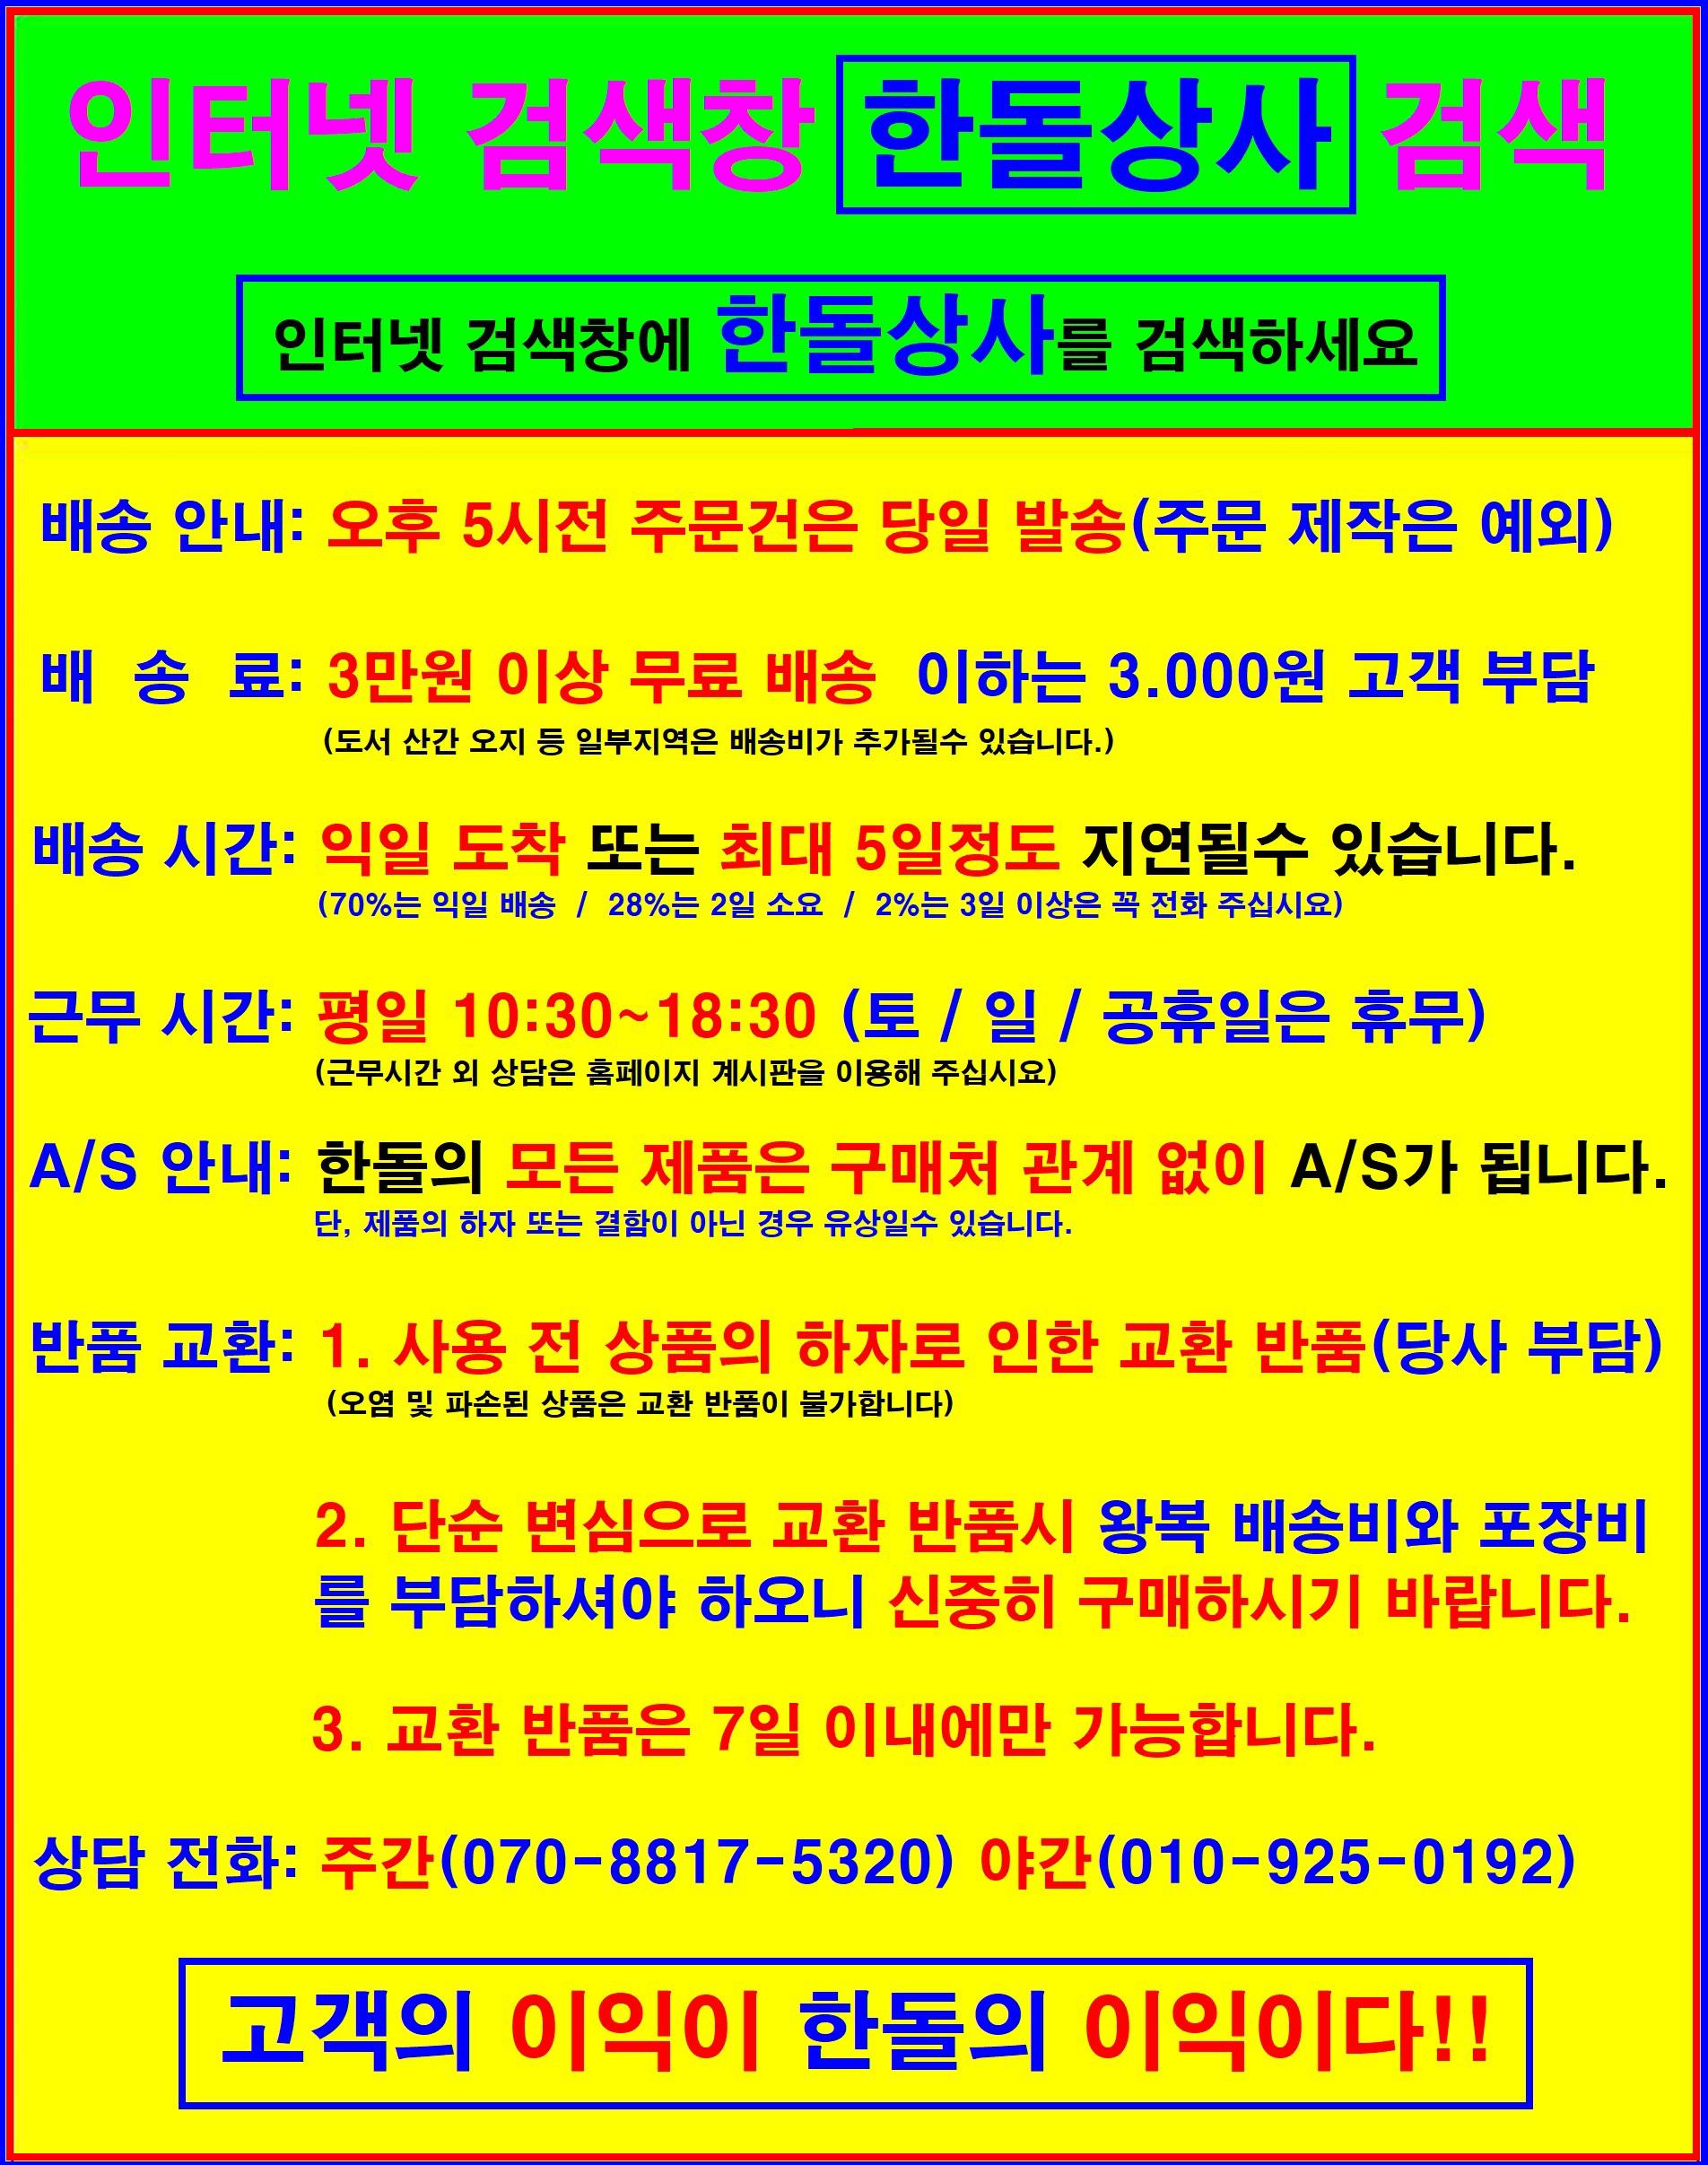 20c436479e191e8f580b446818a57656_1572587211_1169_555.jpg